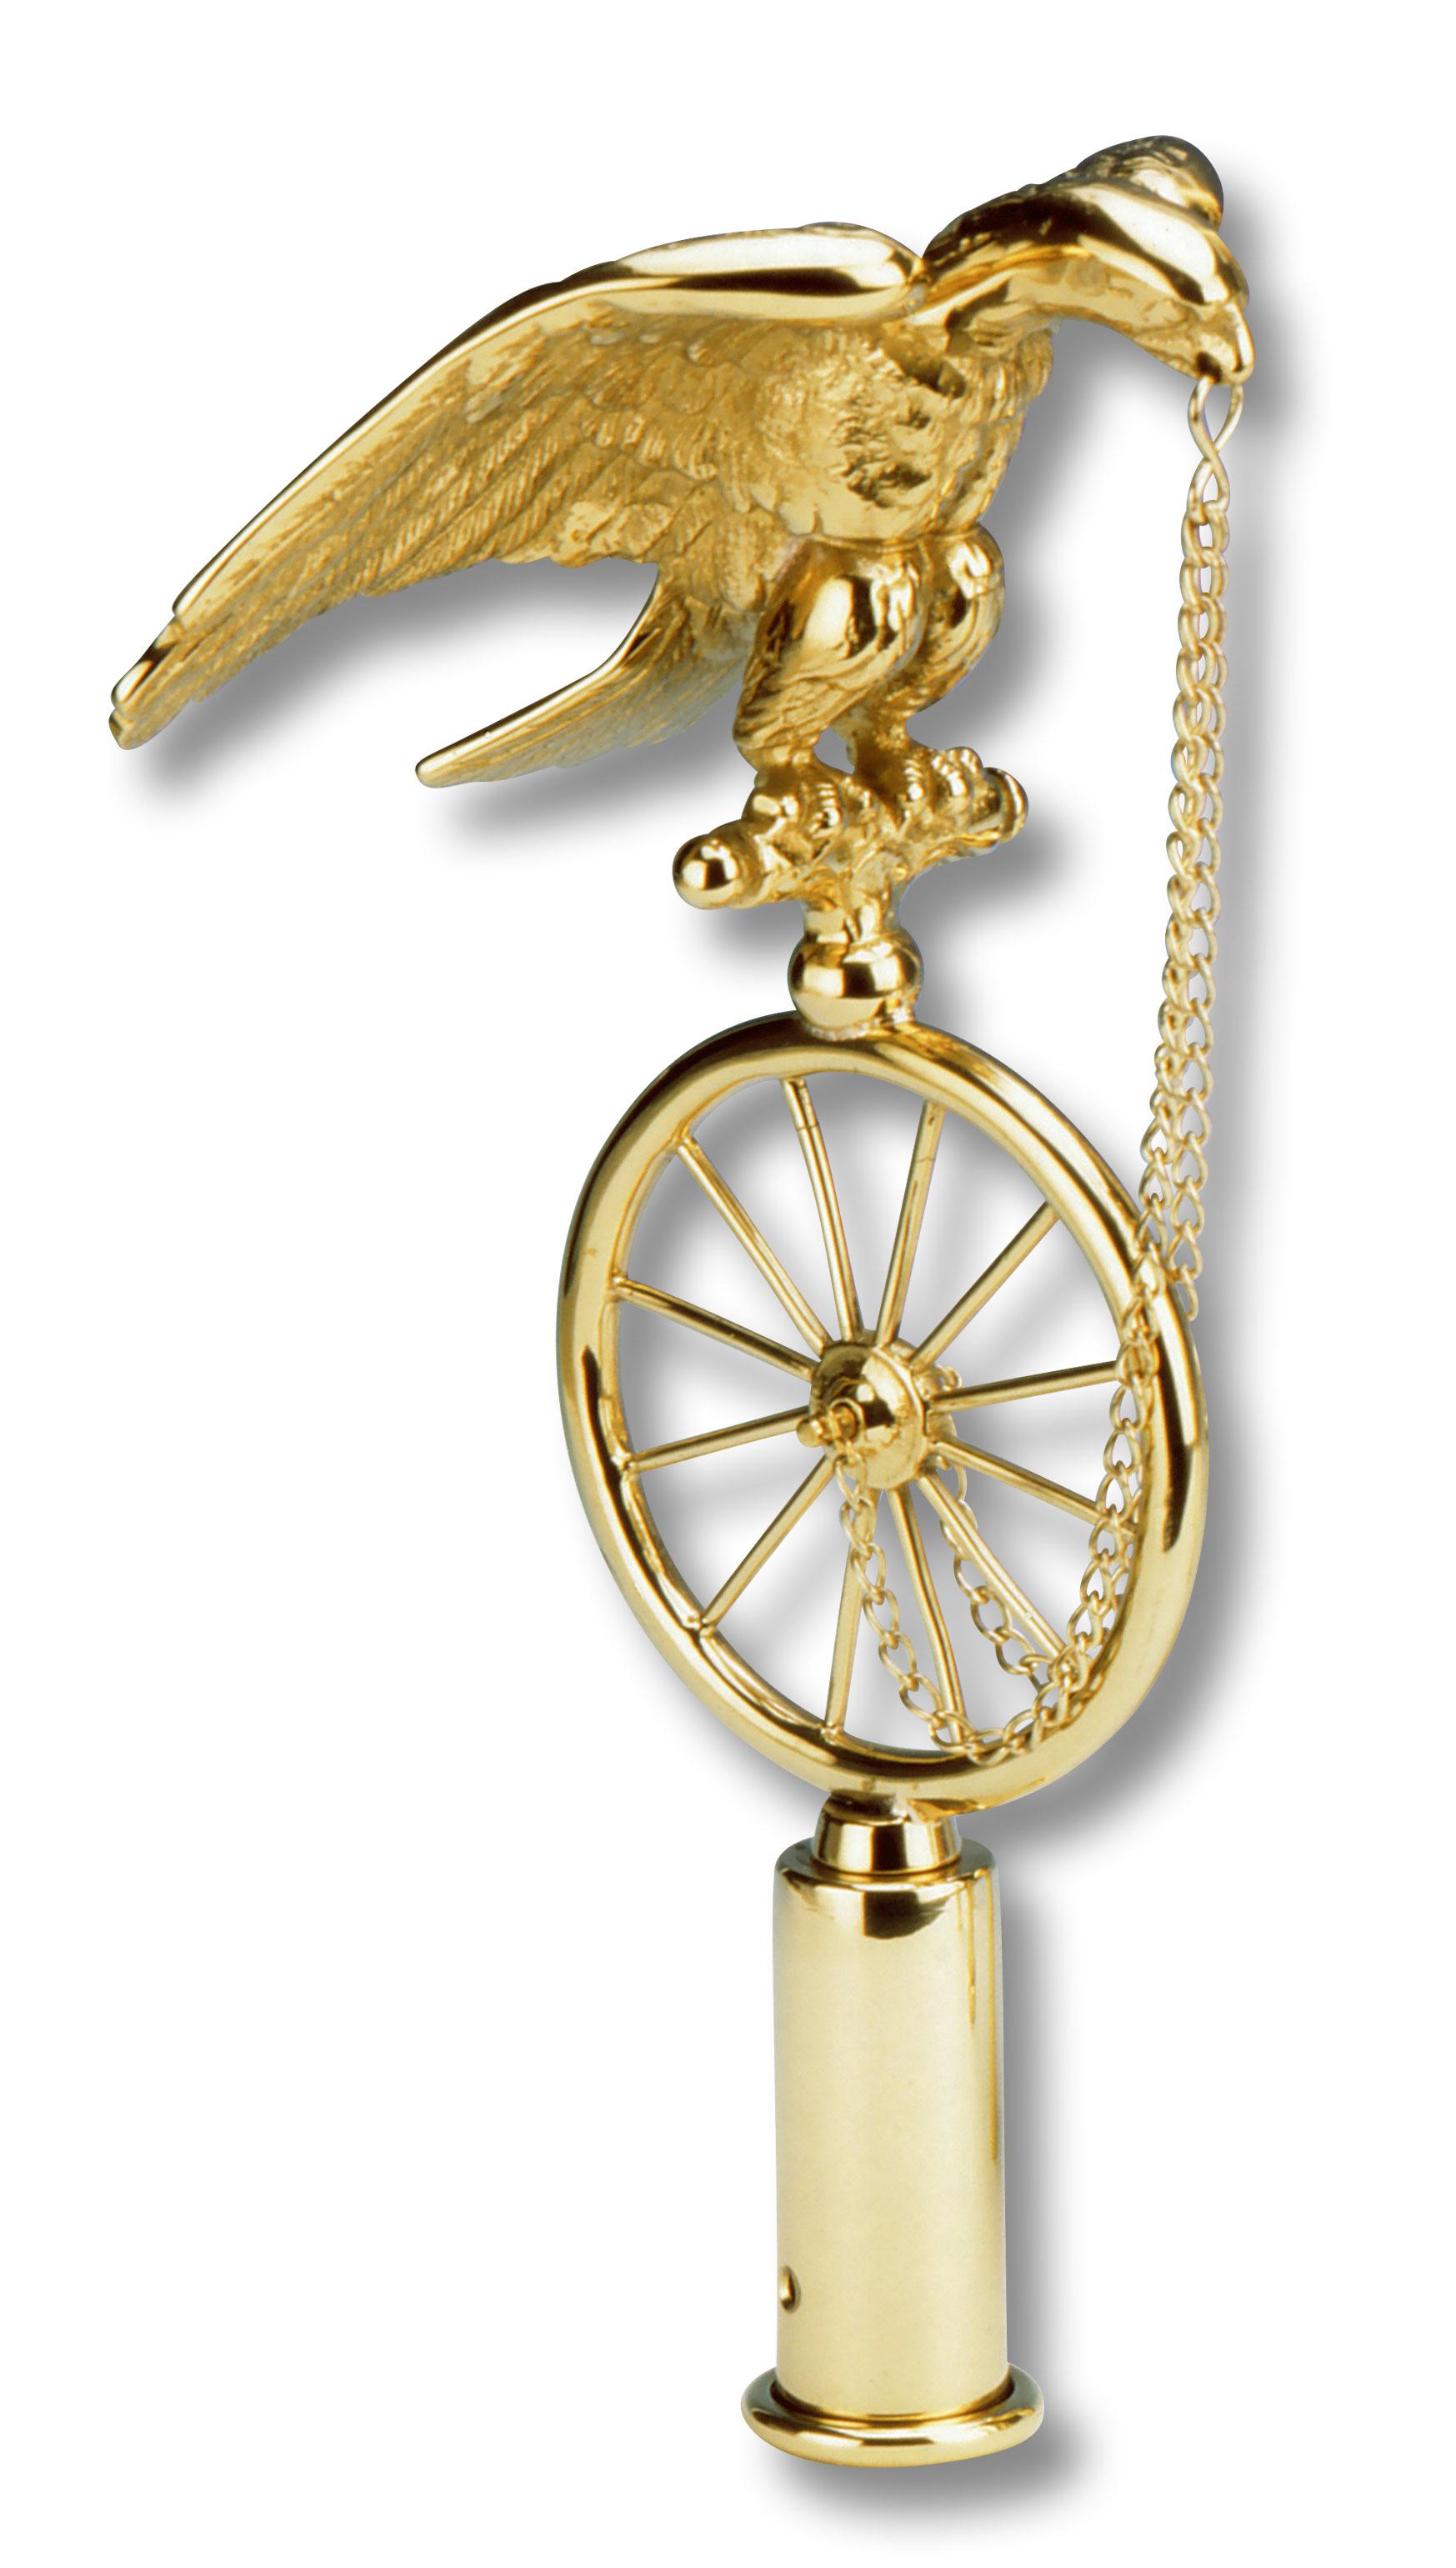 Dreidimensionaler Adler mit ausgebreiteten Schwingen sitzt auf einem Wagenrad.